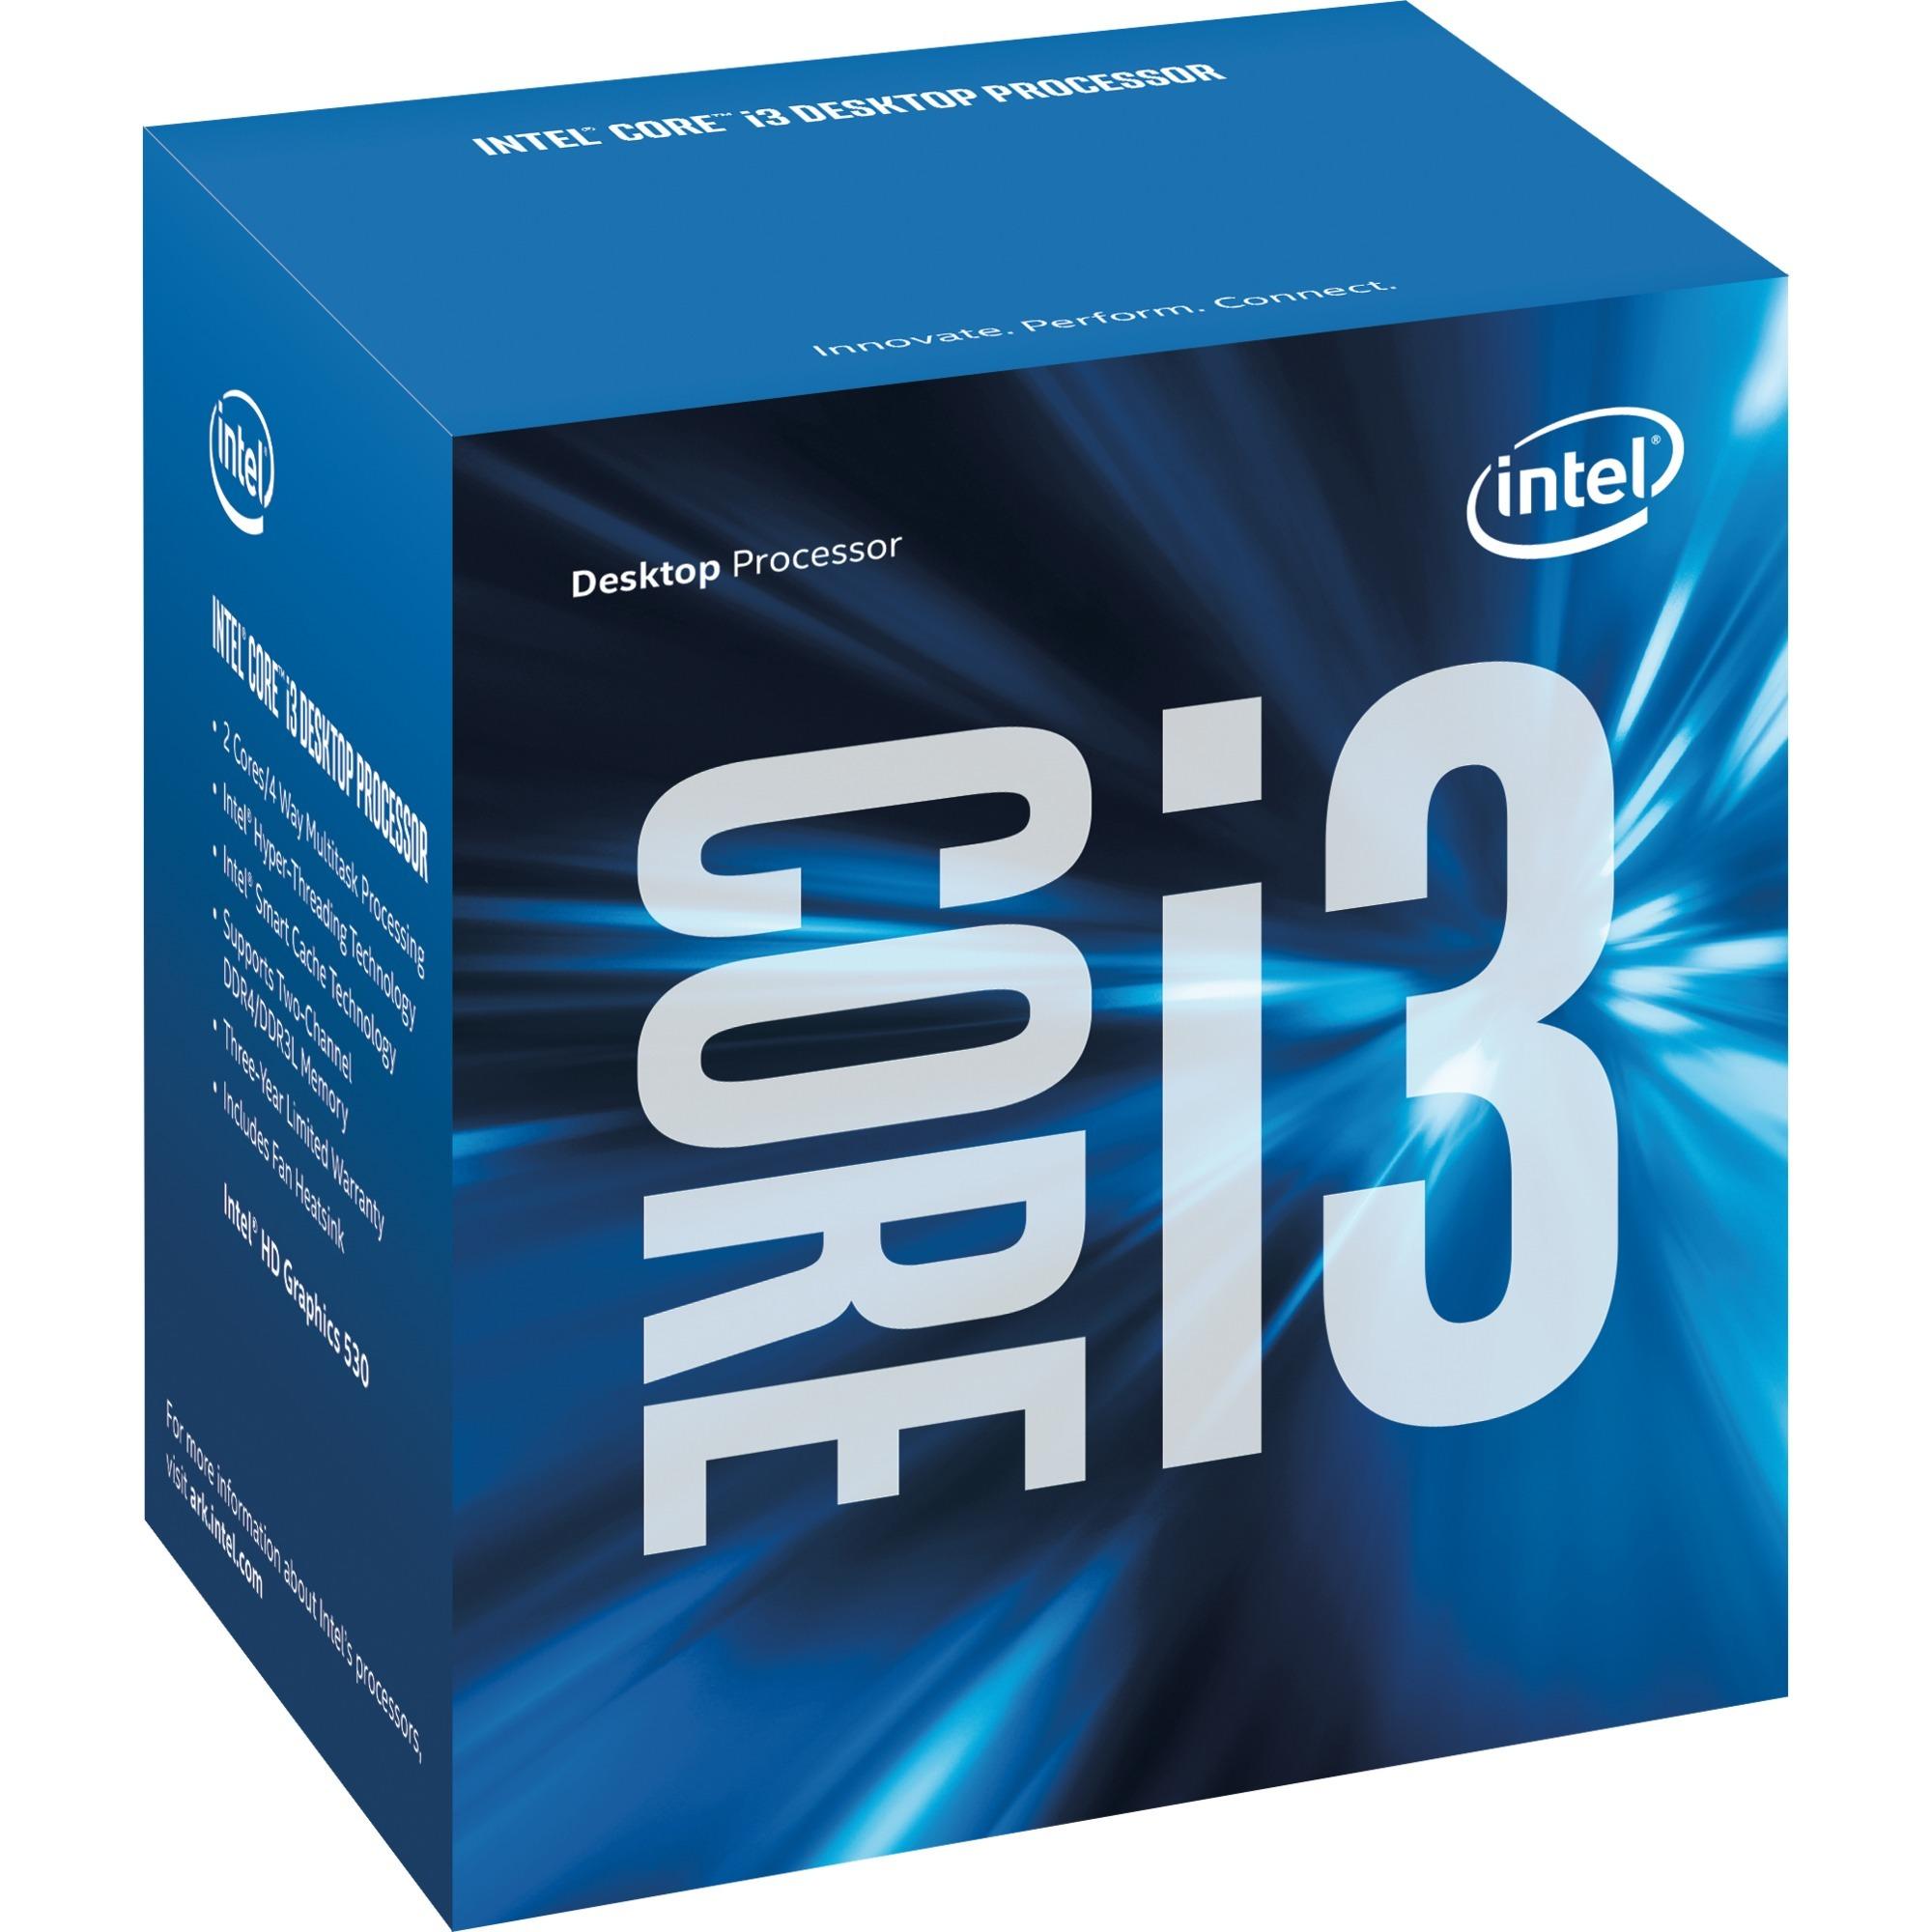 Core i3-6300T Processor (4M Cache, 3.30 GHz) 3.3GHz 4MB Smart Cache Caja procesador